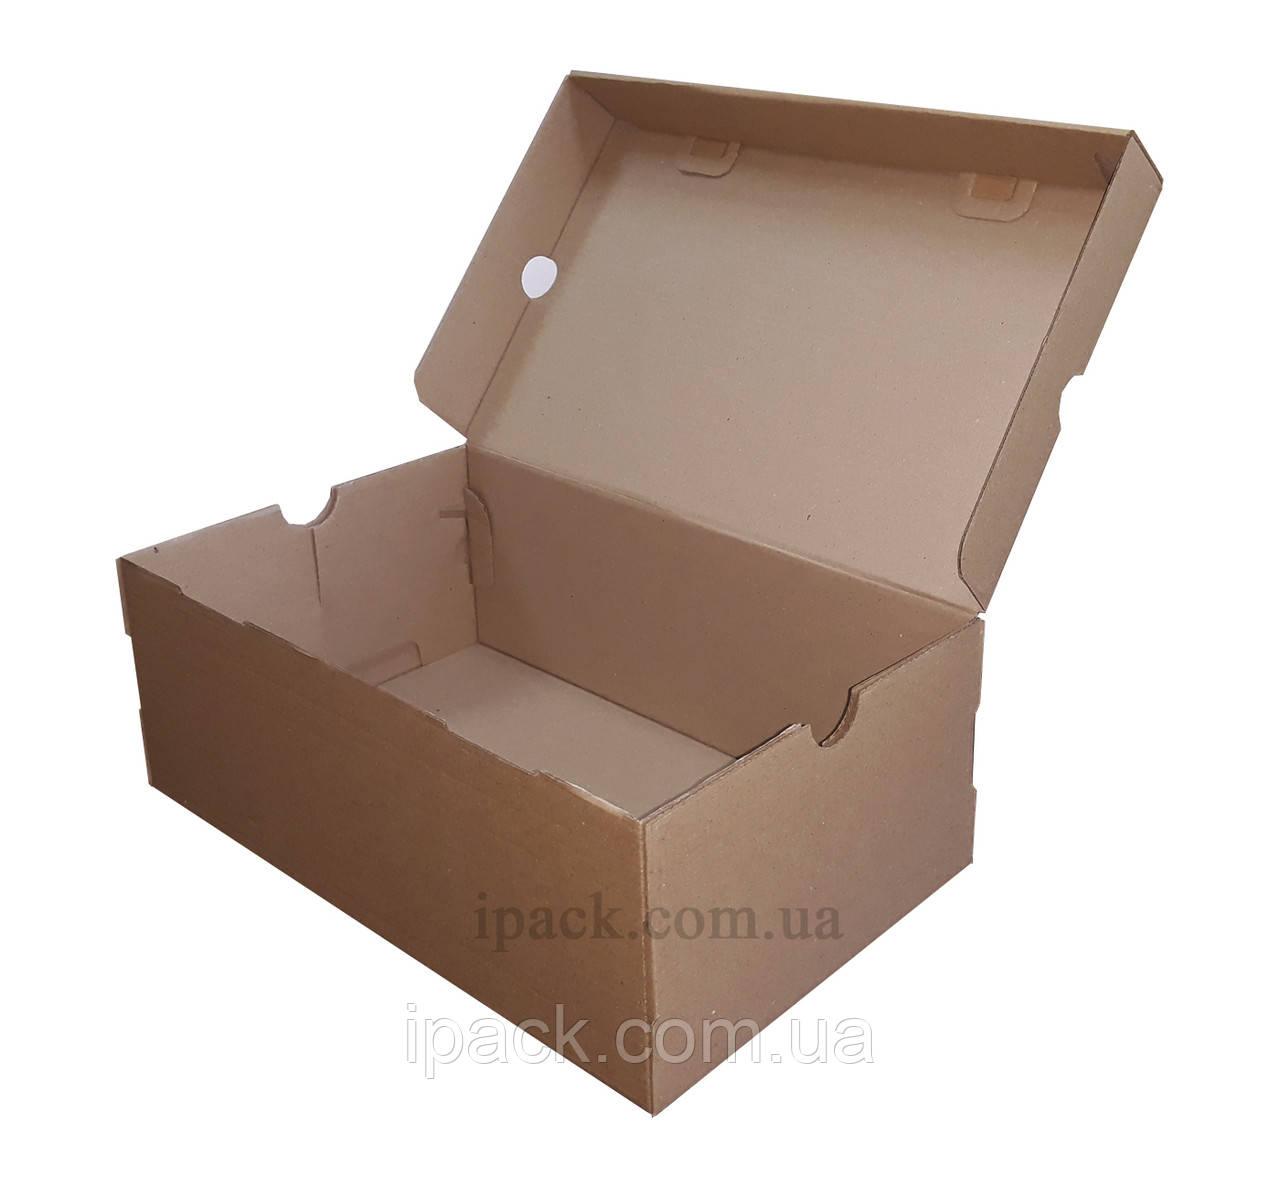 Коробка для обуви, бурая, 330*250*170 мм, микрогофрокартон, крафт, обувная коробка